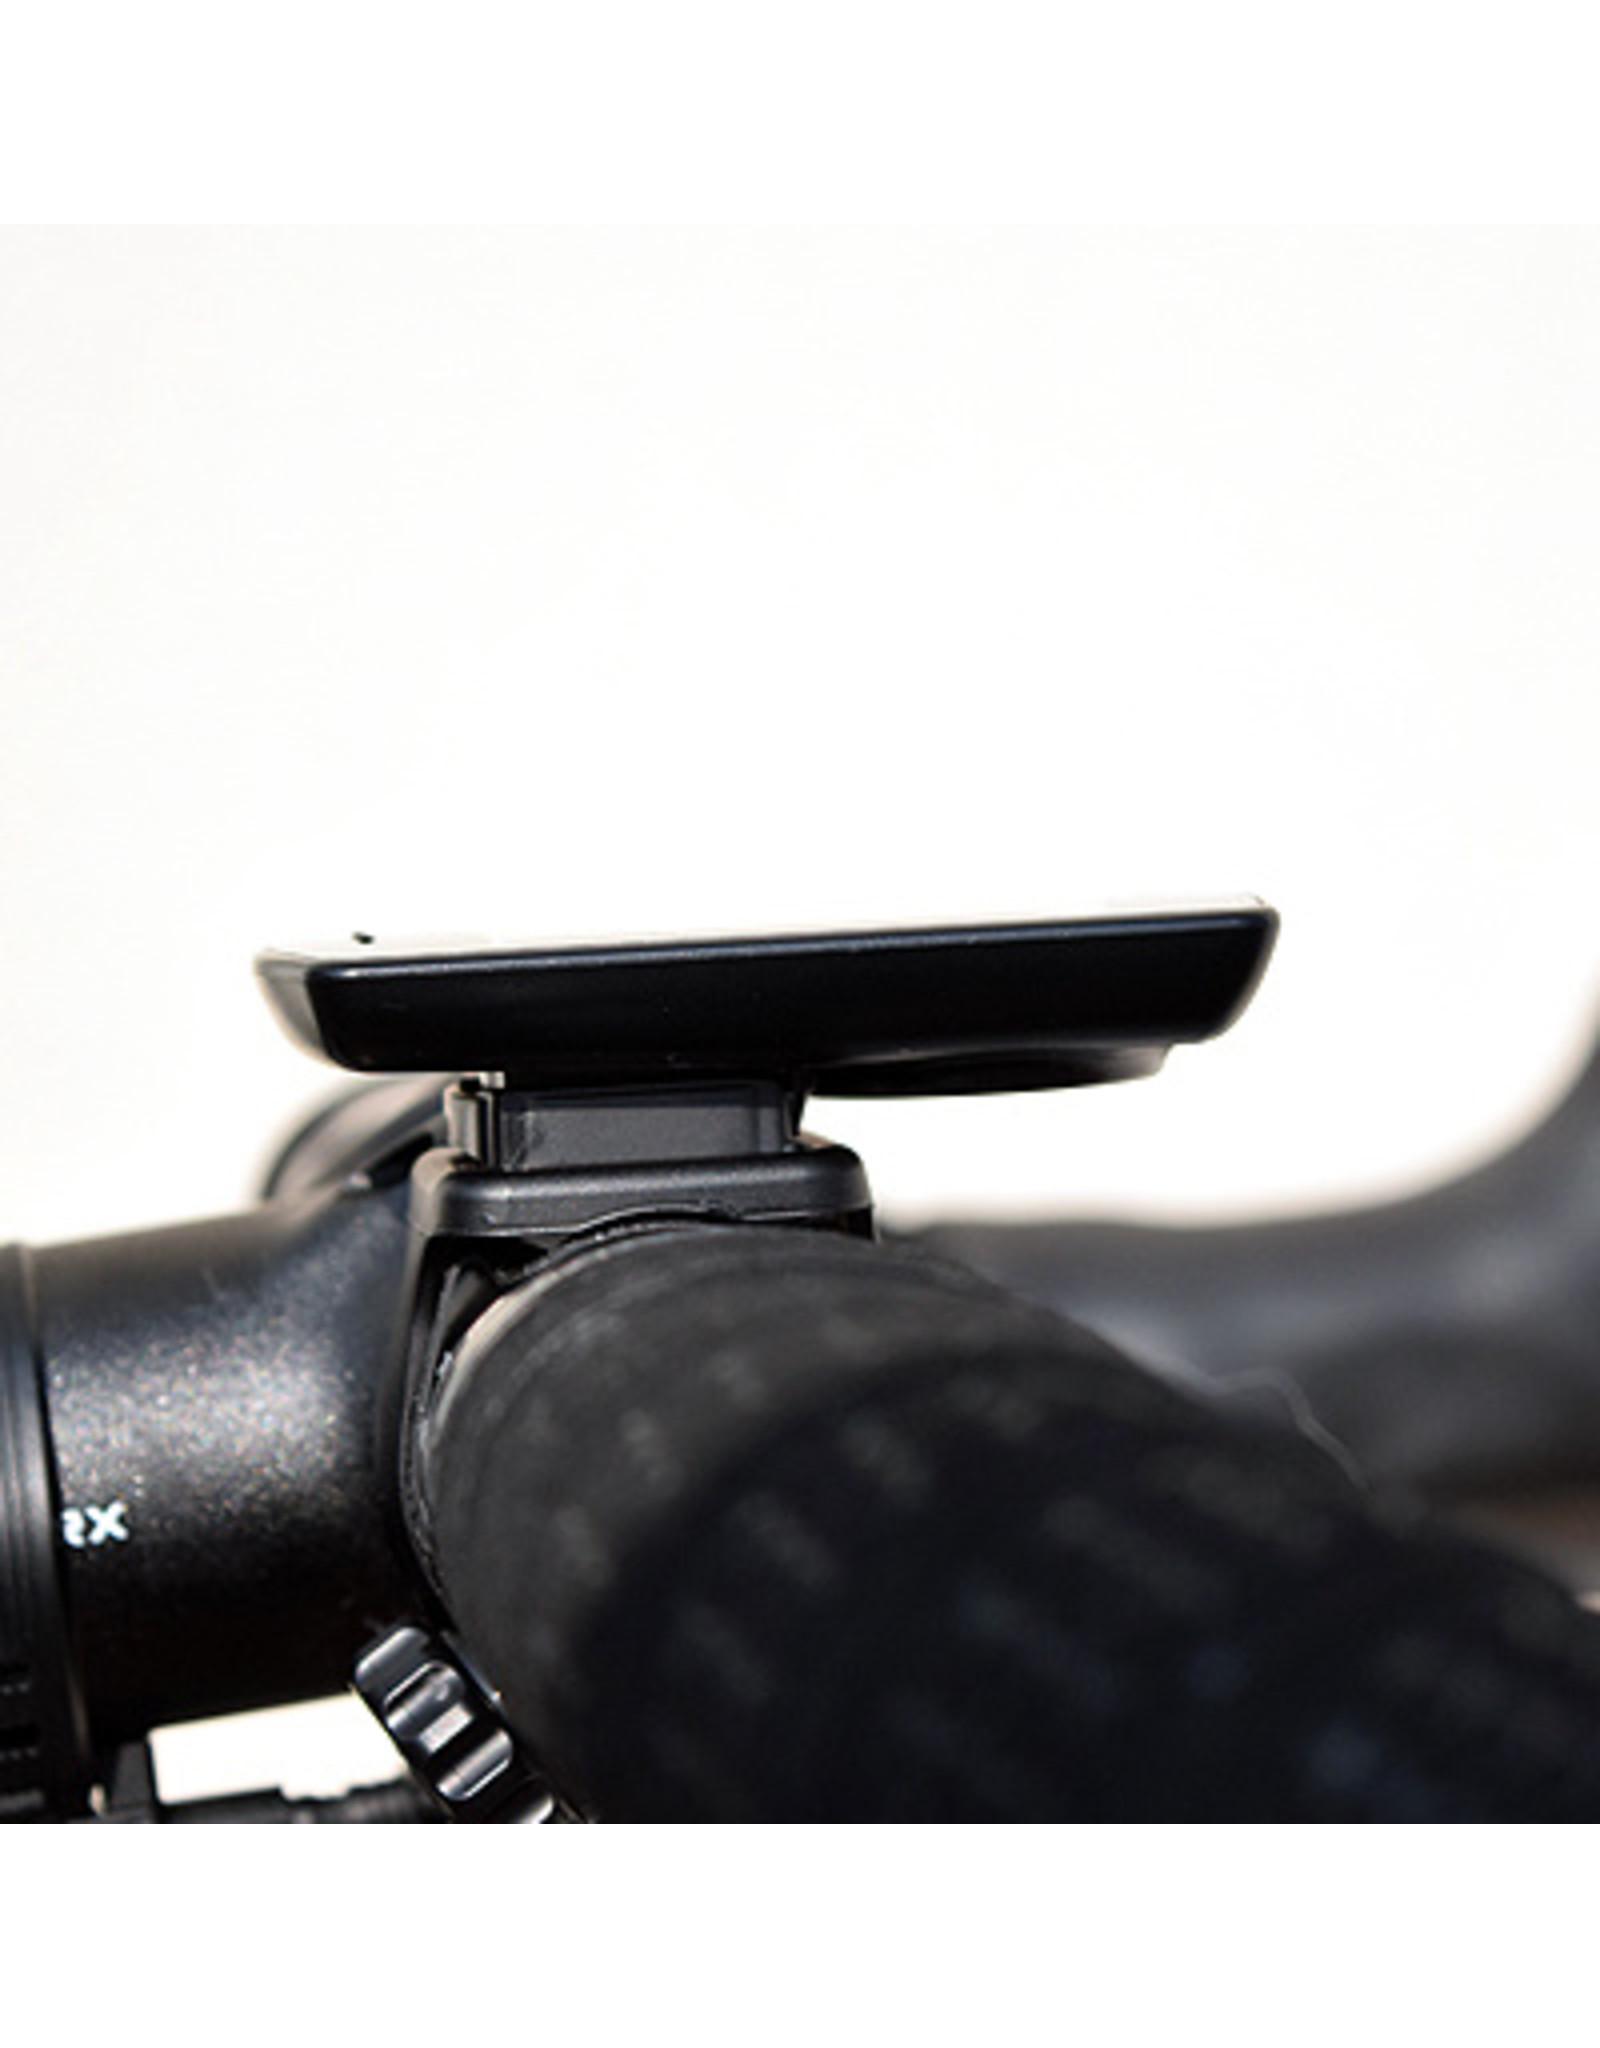 Cateye Padrone Wireless Cycling Computer PA100W